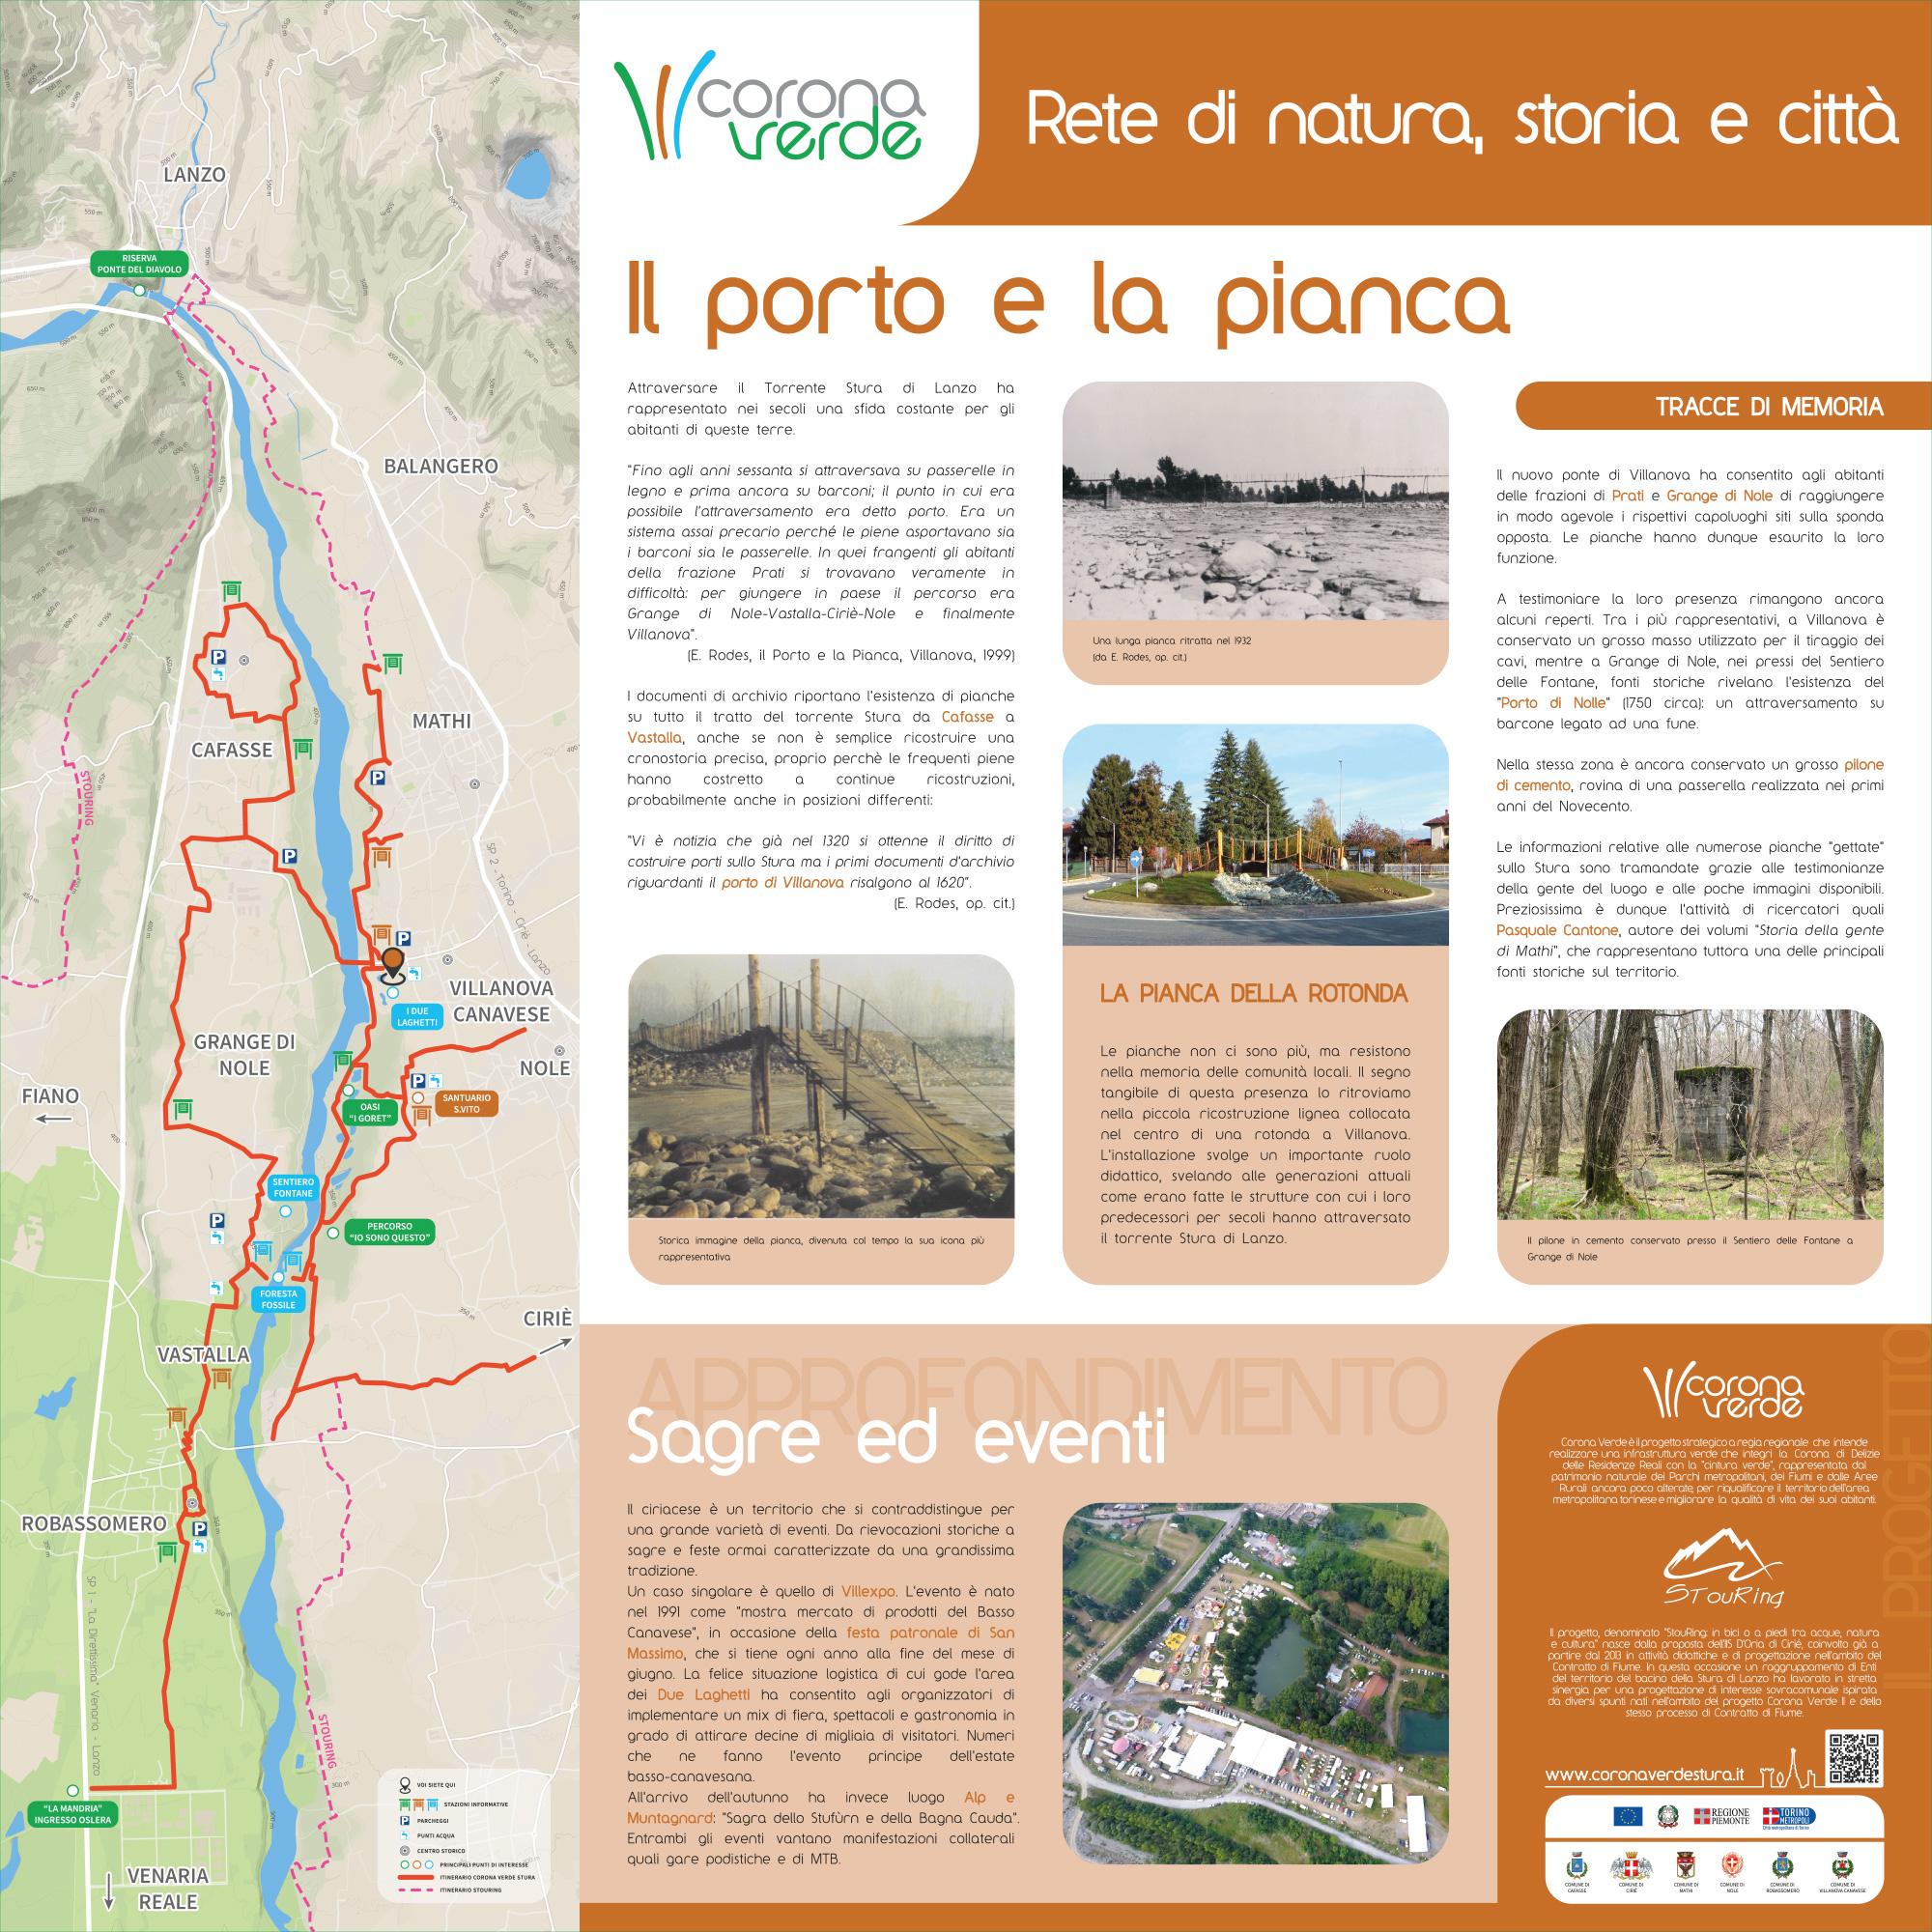 Villanova - I Due Laghetti (lato Nole)